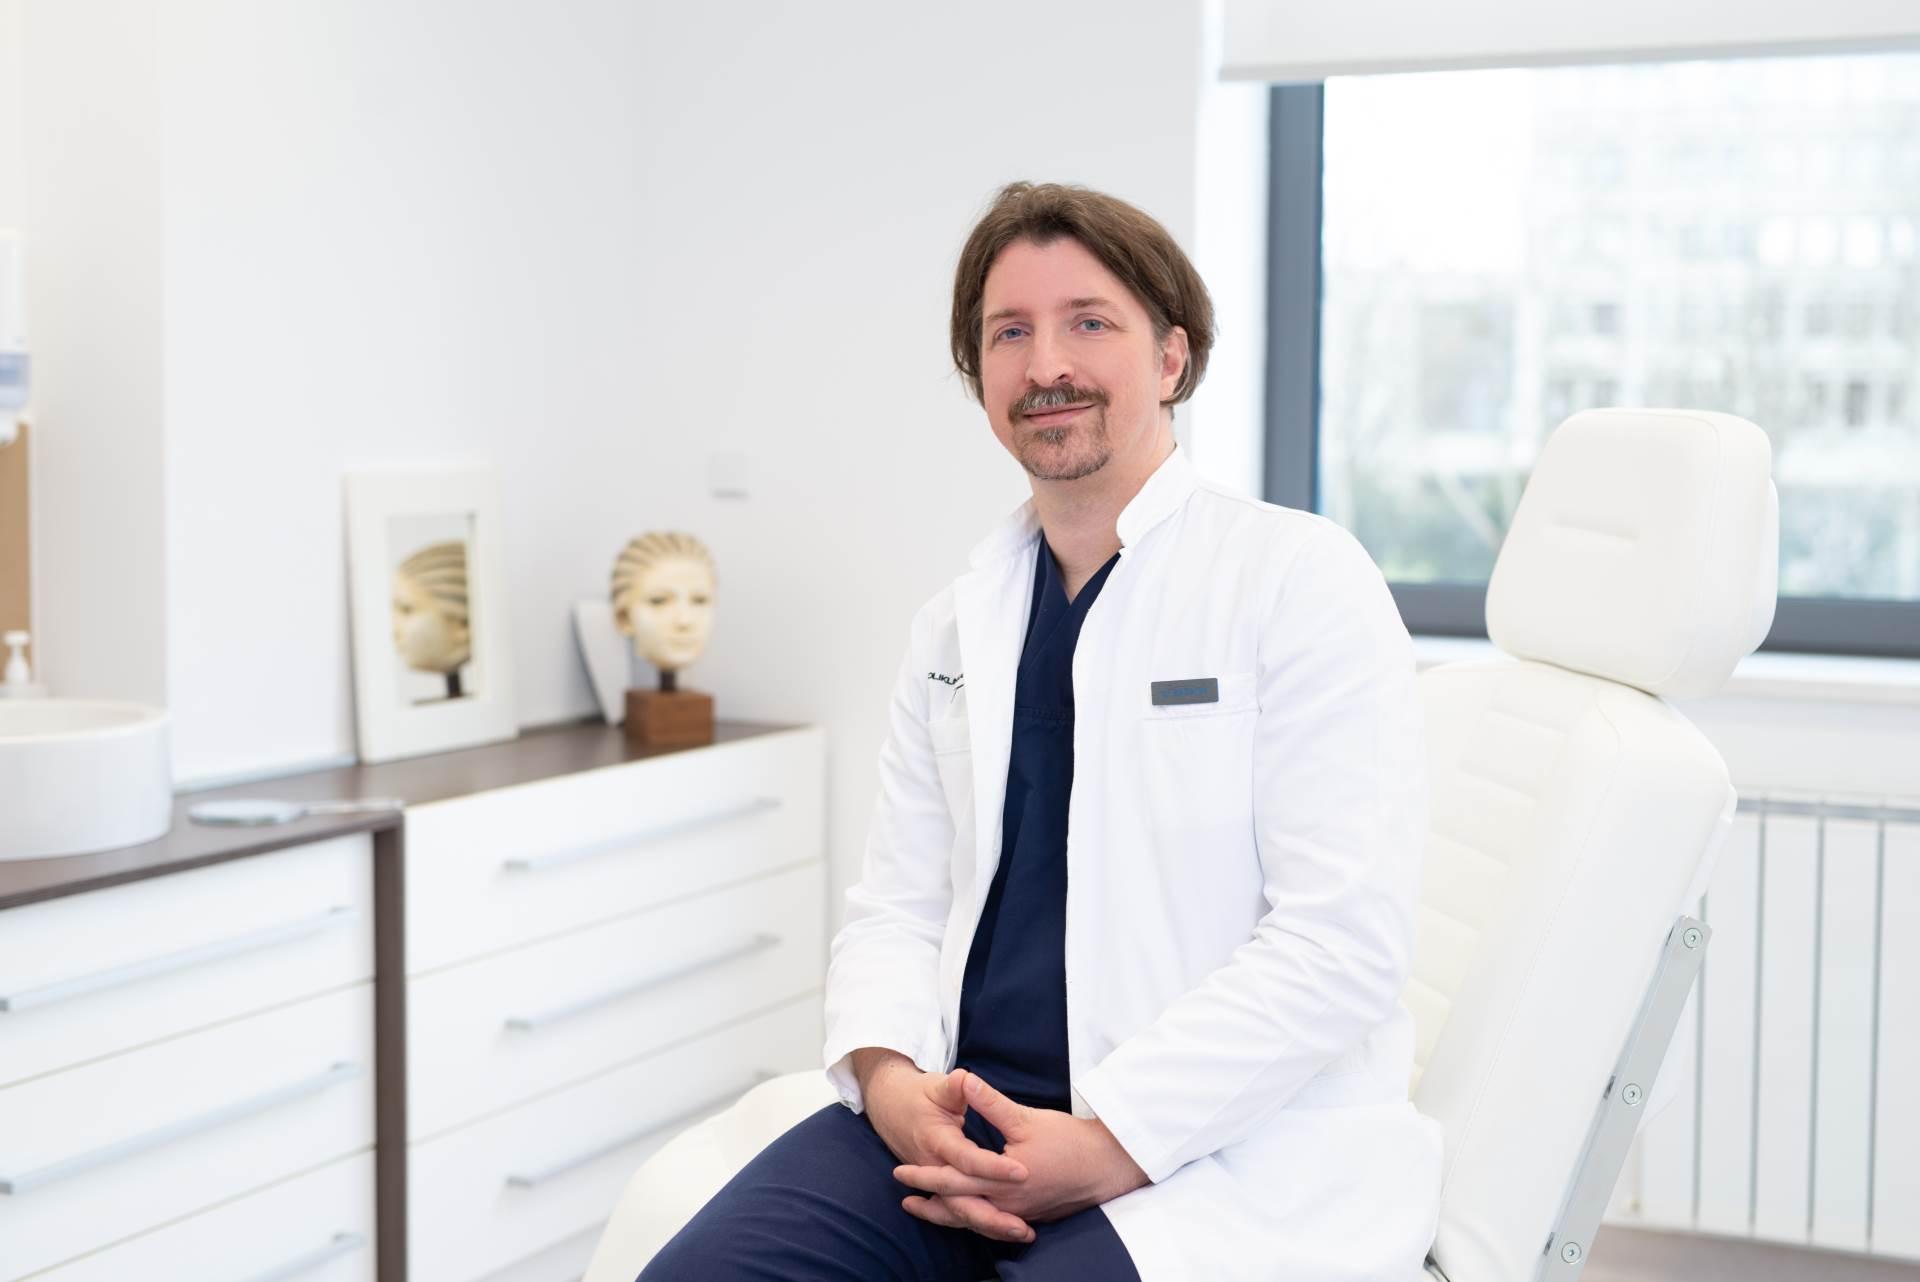 dr. Tomica Bagatin, specijalist maksilofacijalne kirurgije, sub. plastične kirurgije glave i vrata